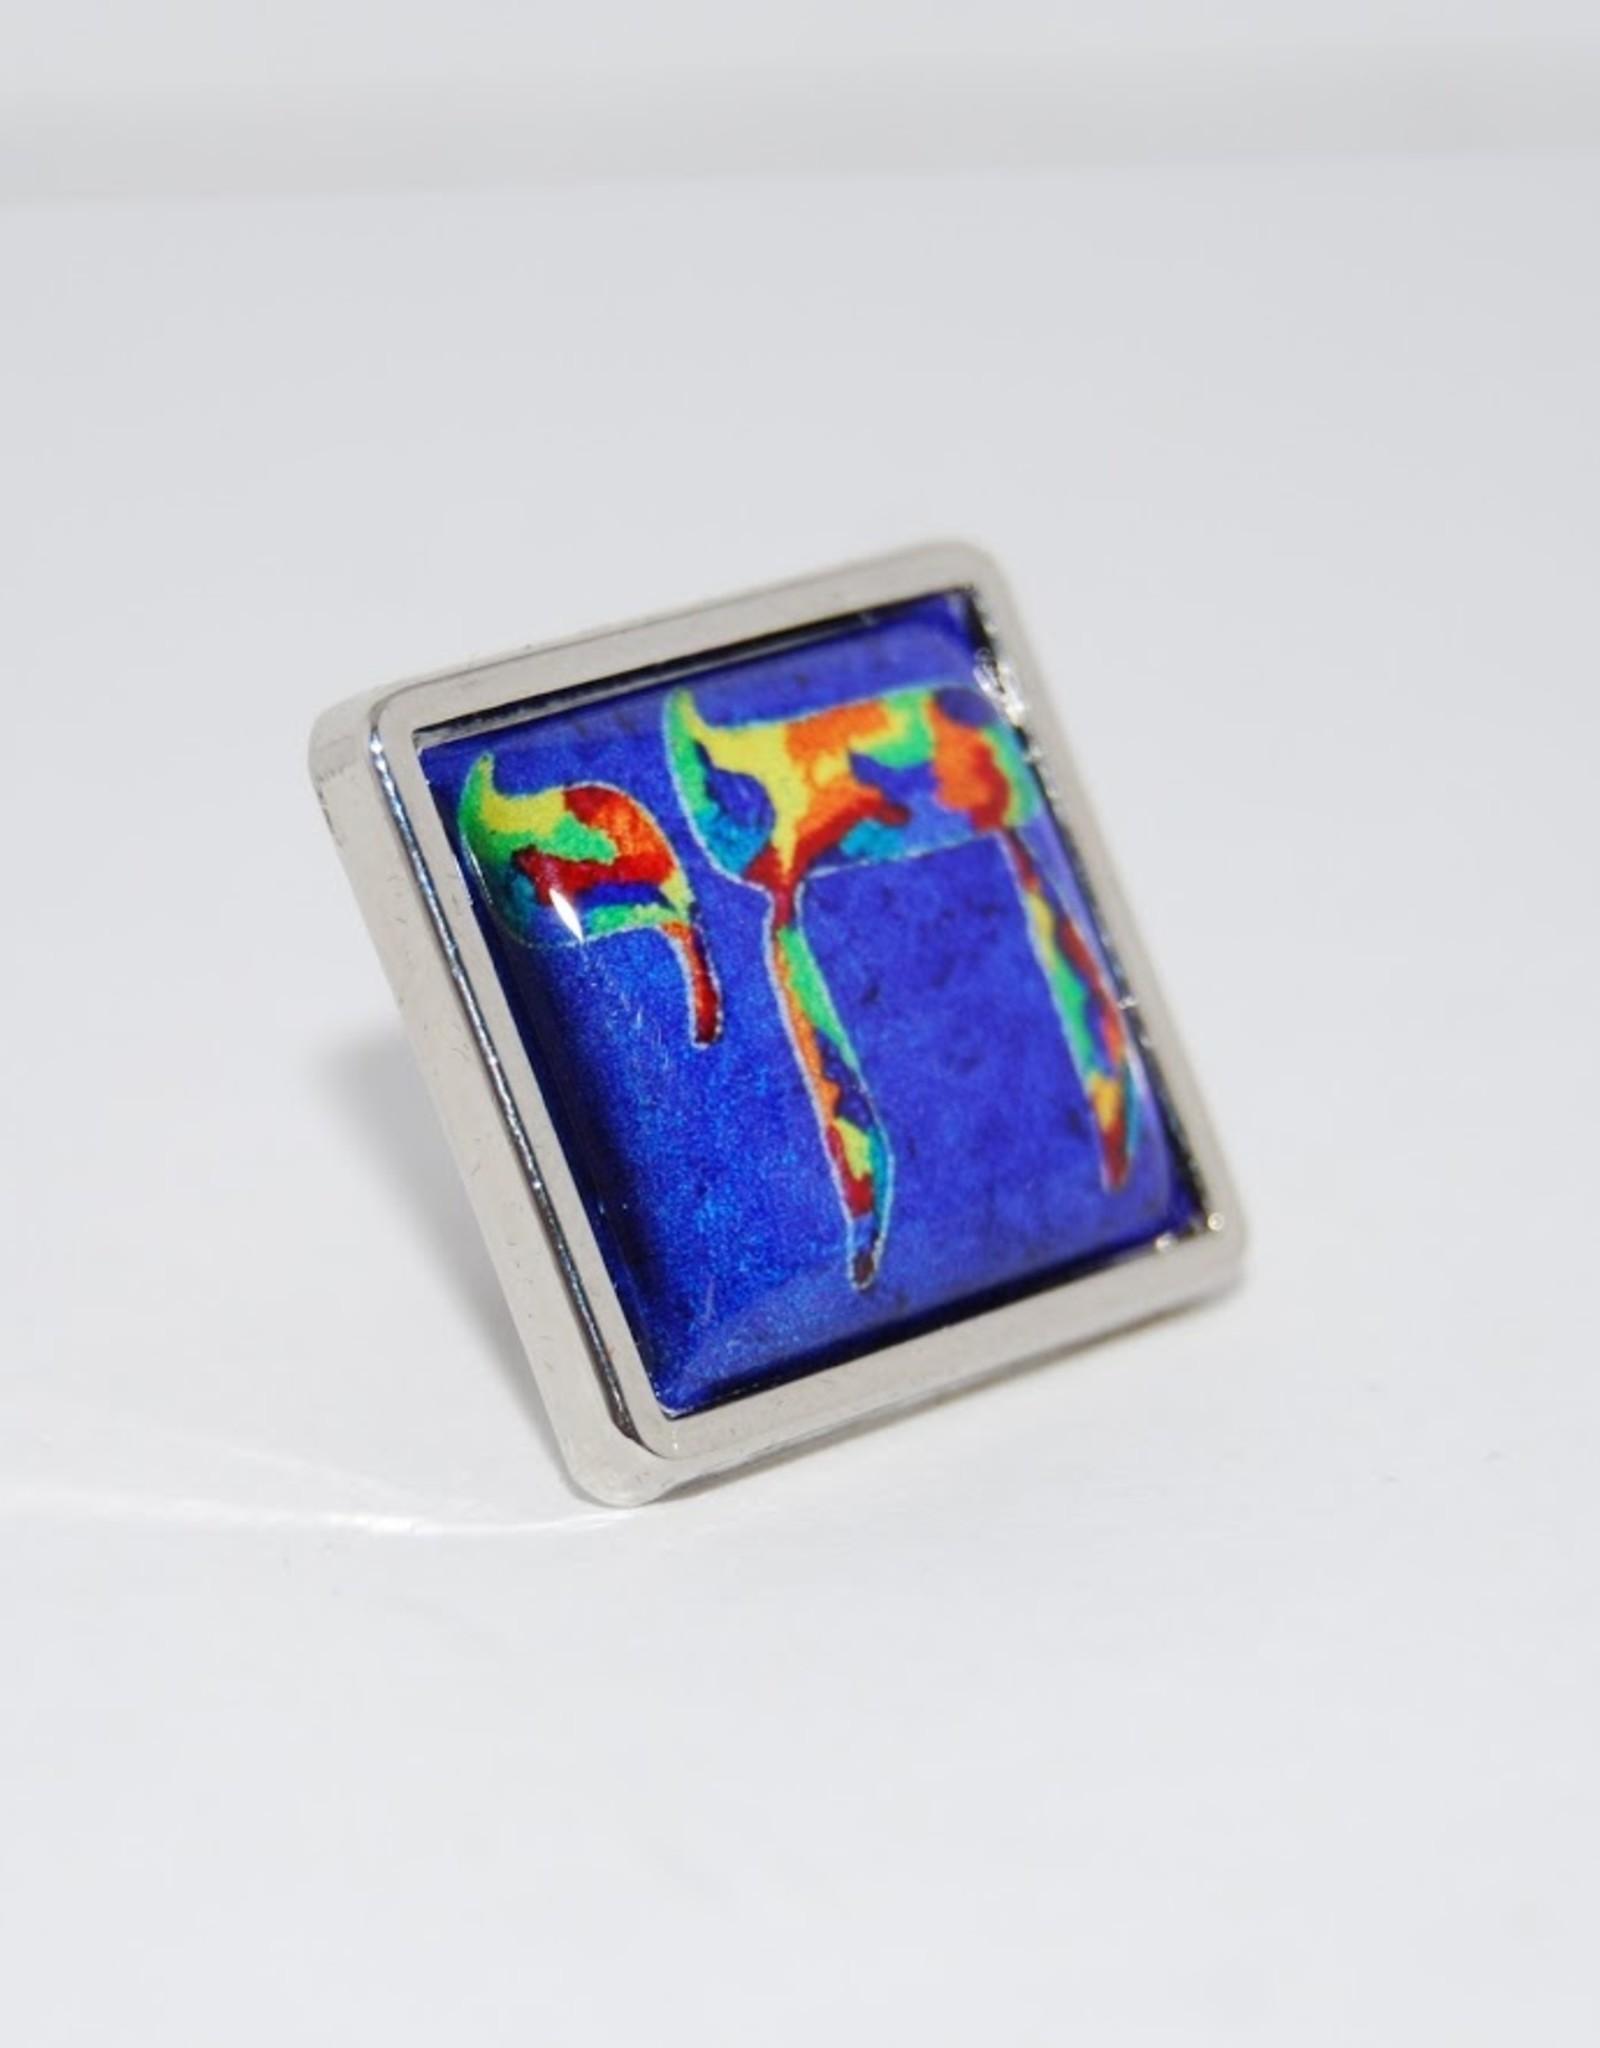 Chaipainter Chai Pin brooch